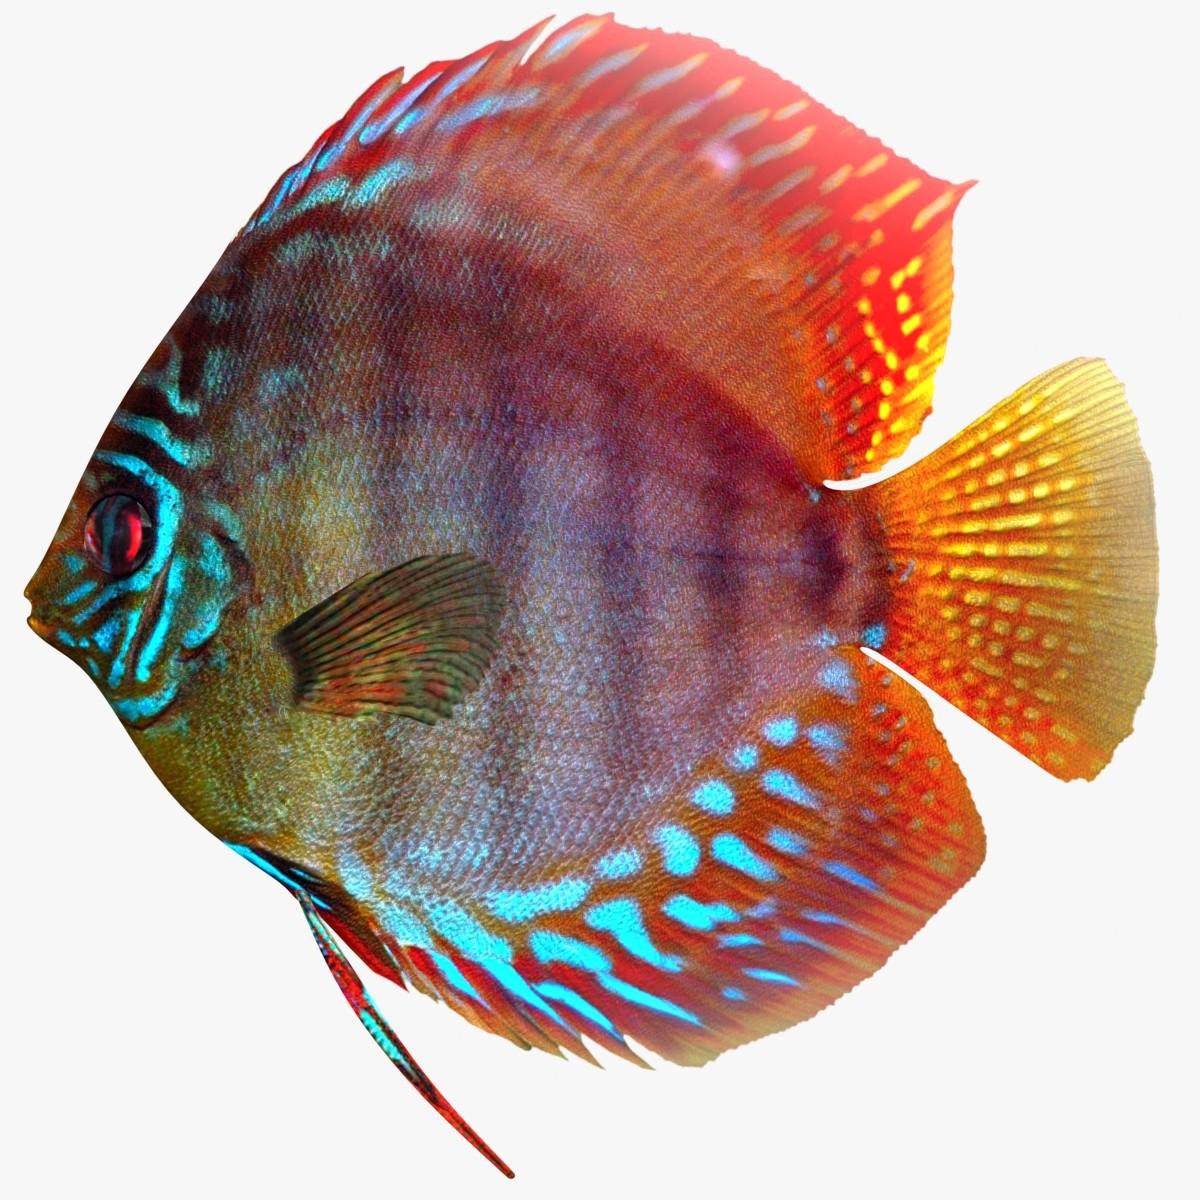 Discus_fish_Rr-01.jpg